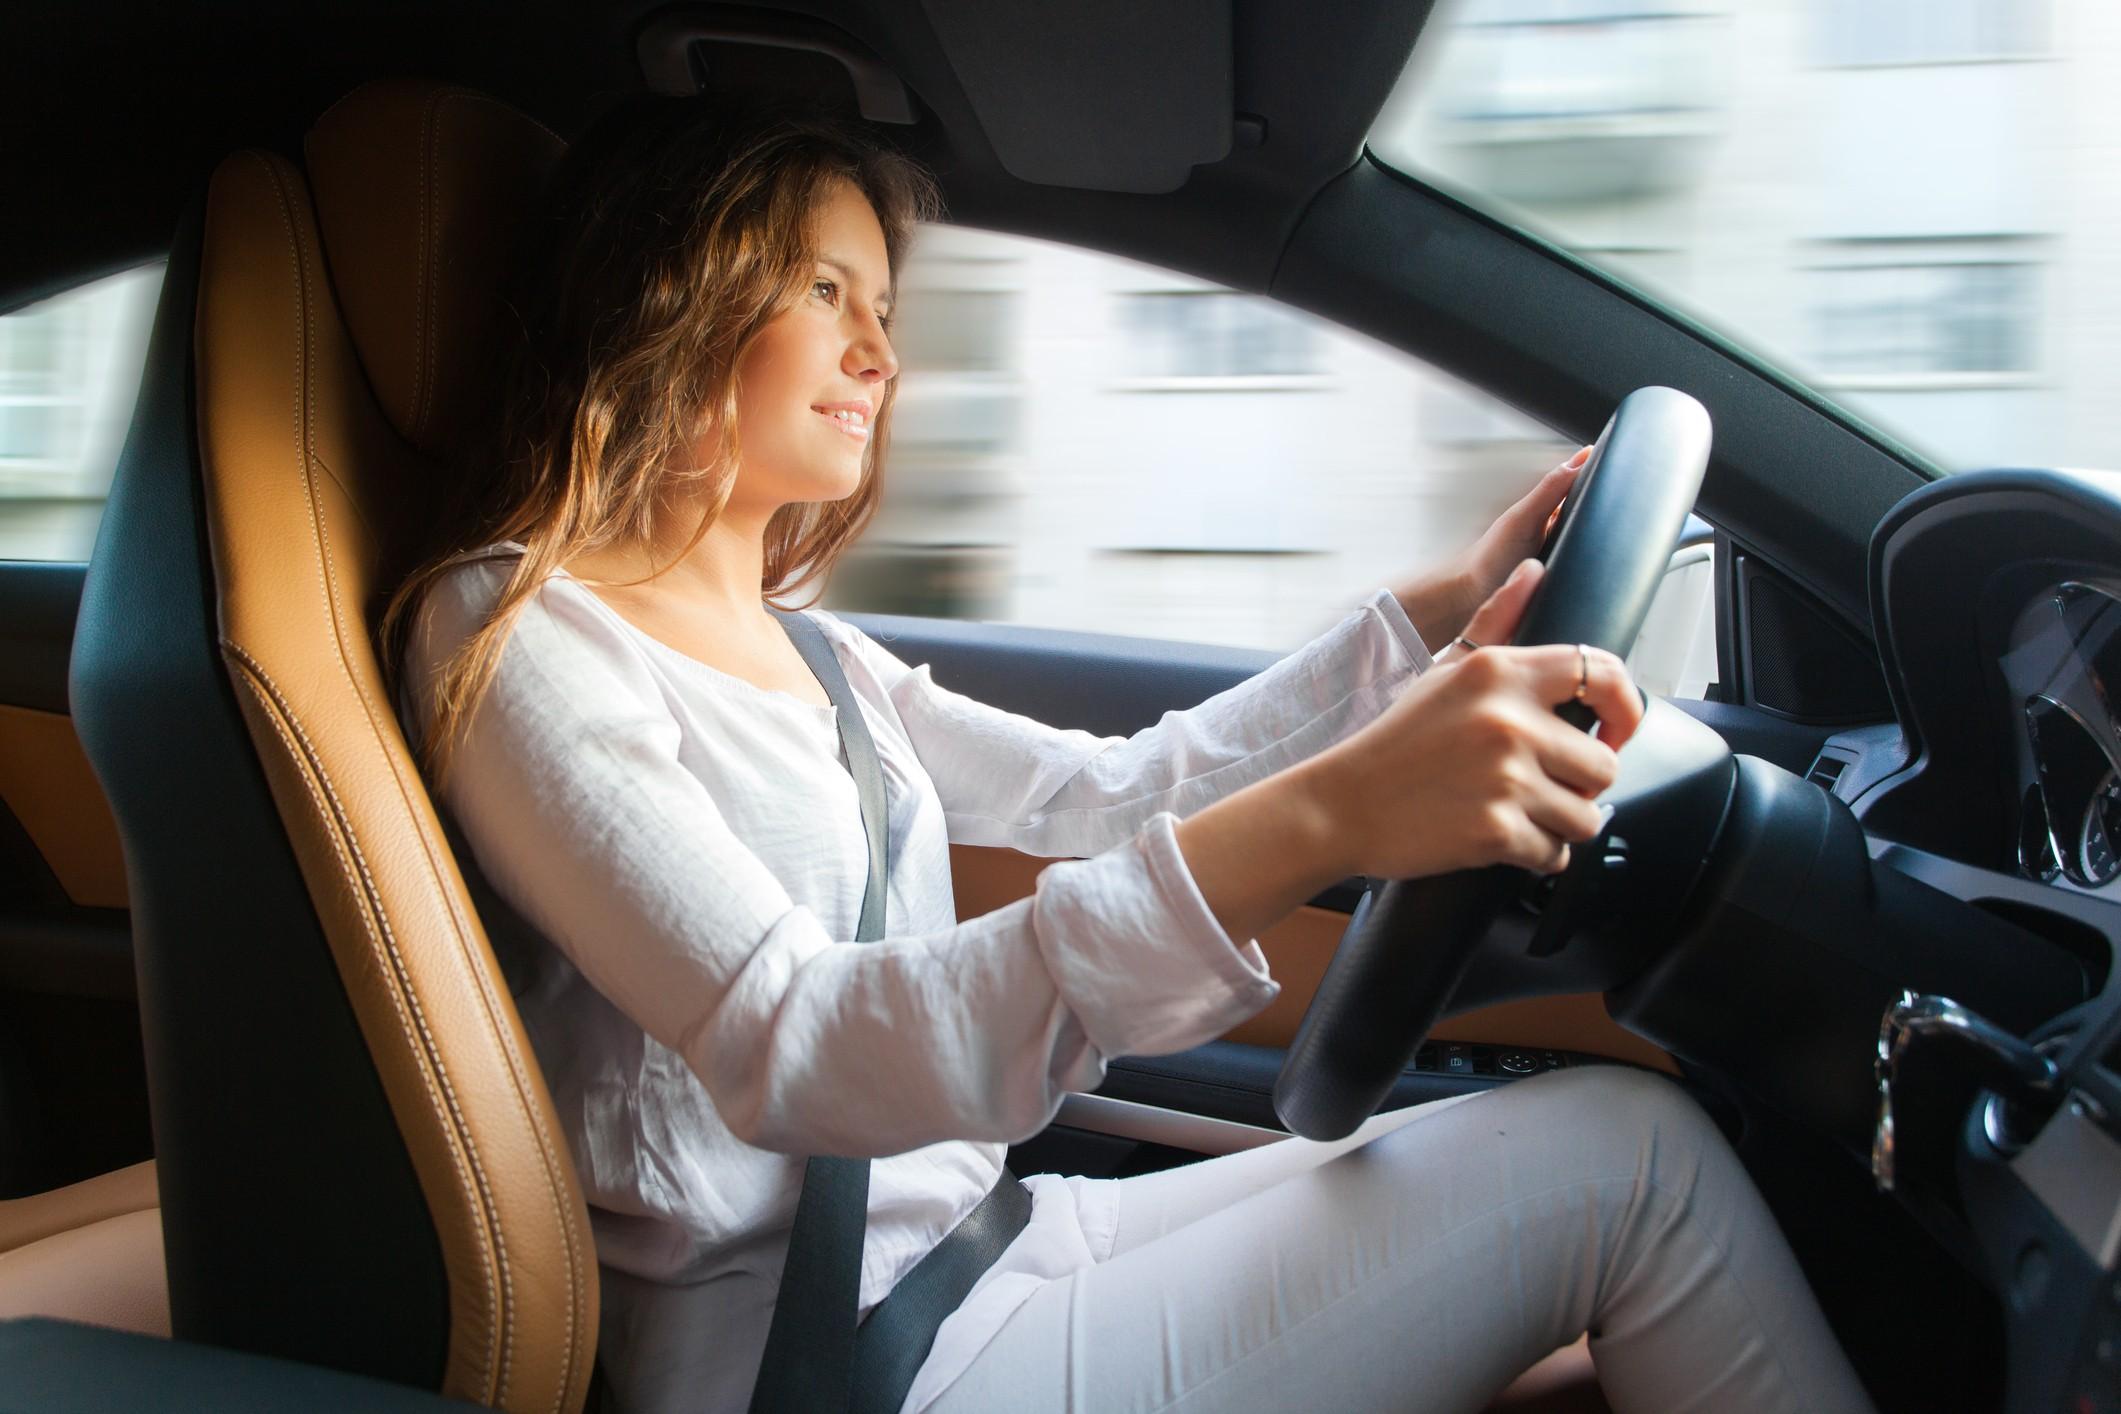 Tecnologias ajudam a manter o condutor alerta e seguro (Foto: Thinkstock)